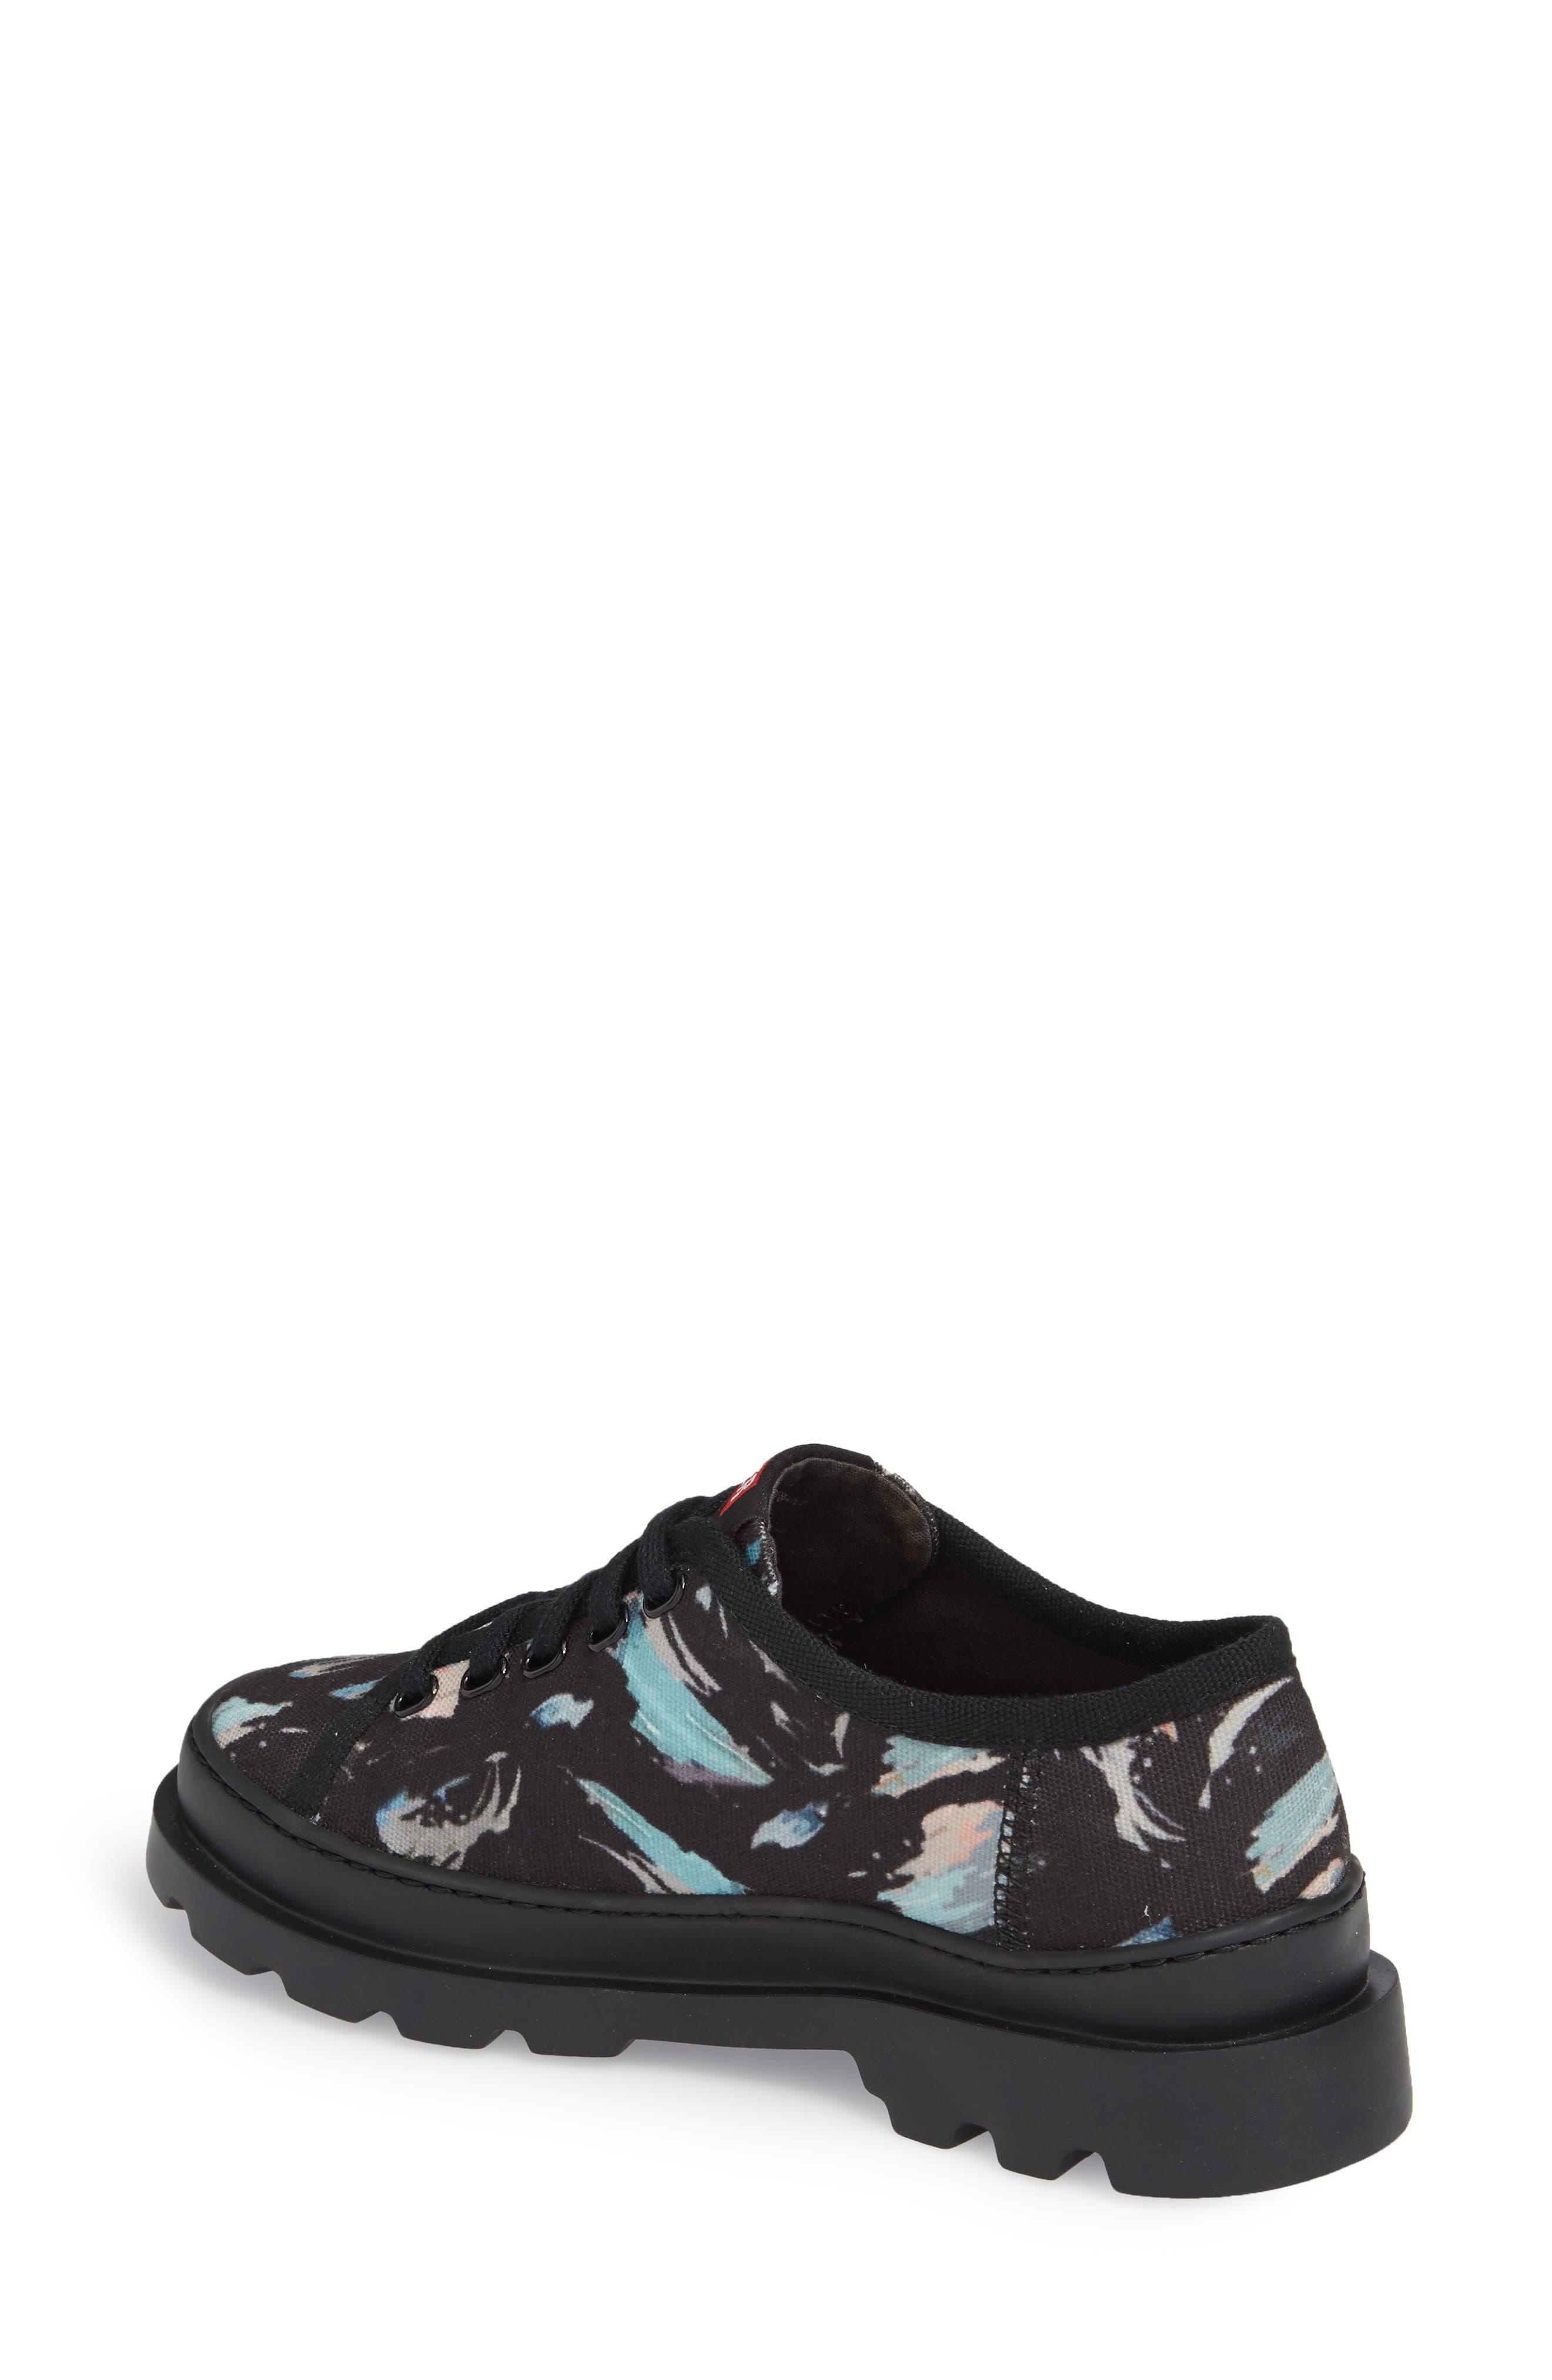 CAMPER,                             Brutus Lugged Platform Sneaker,                             Alternate thumbnail 2, color,                             001